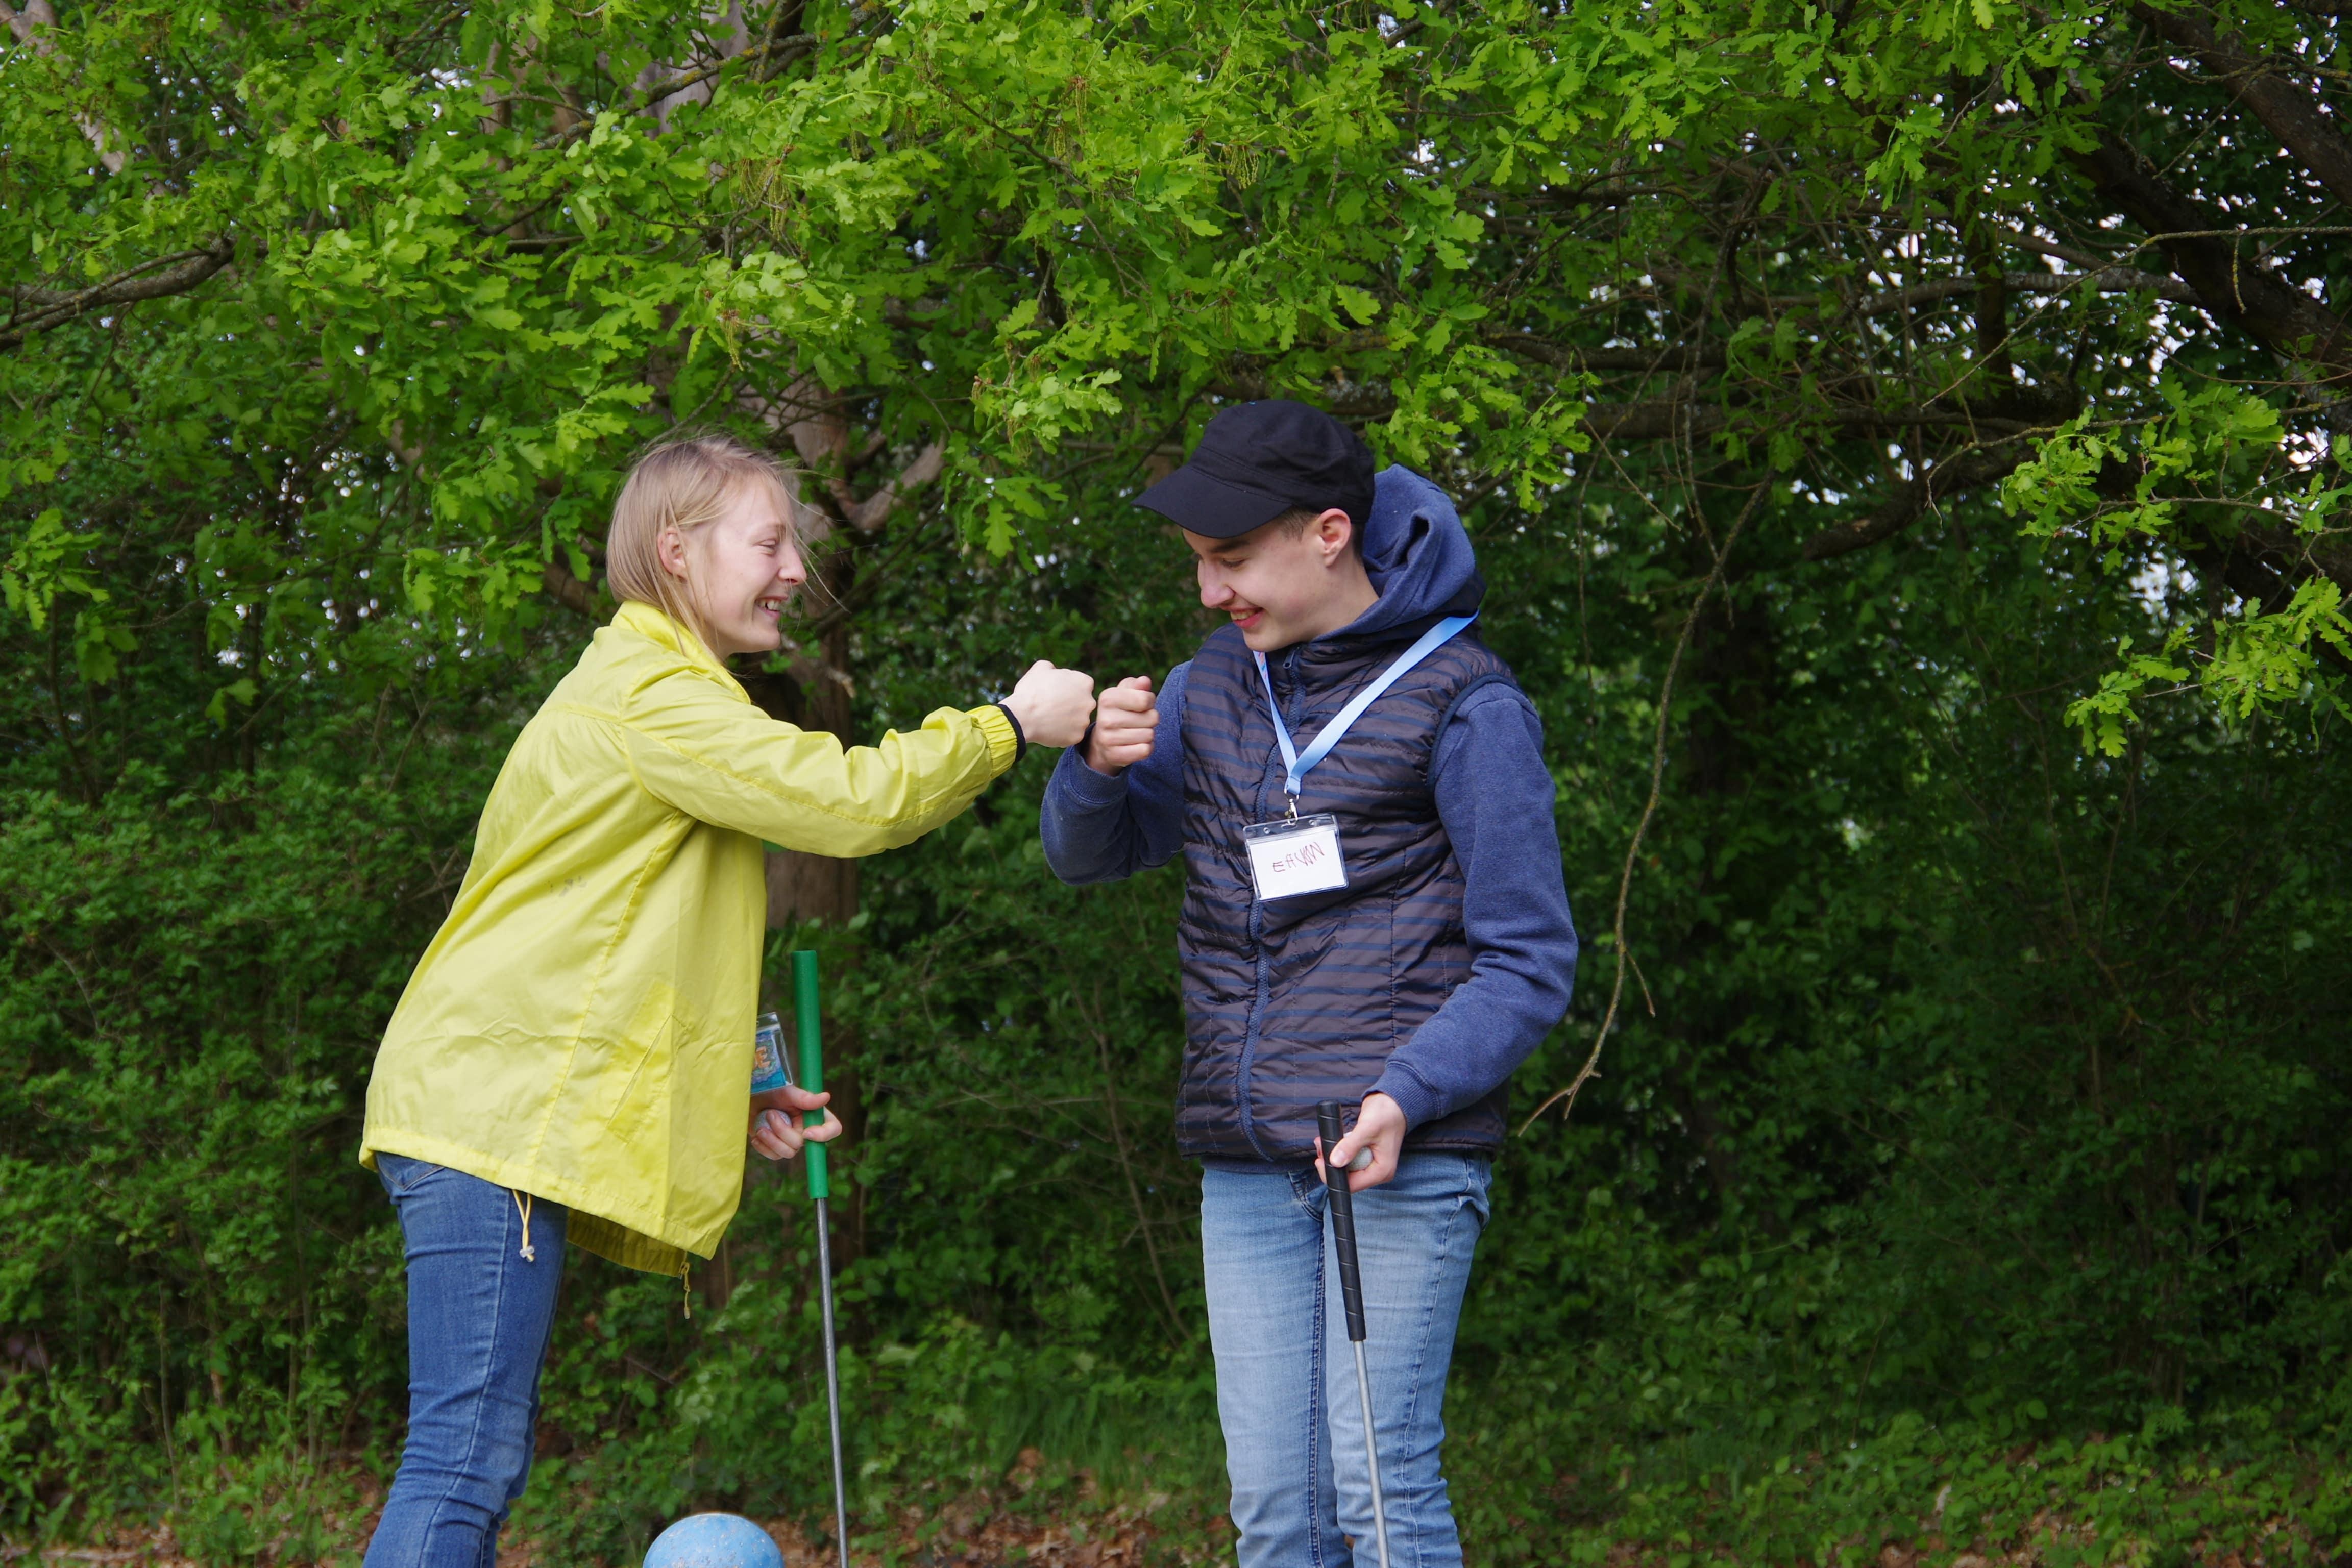 enfant et bénévole se tapant dans les mains pendant les jeux extérieurs